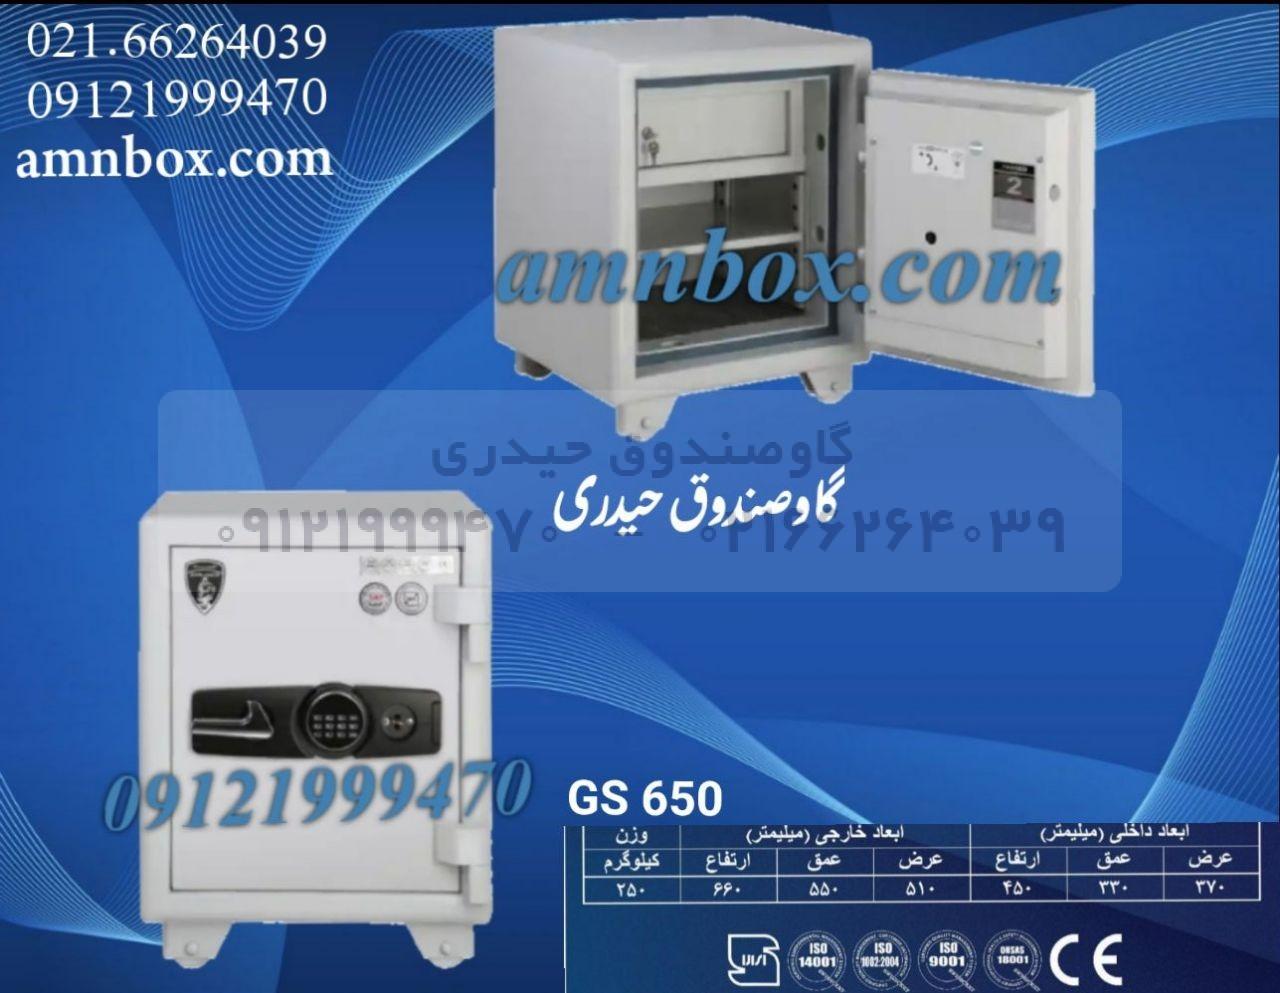 گاوصندوق گنجینه مدل GS650